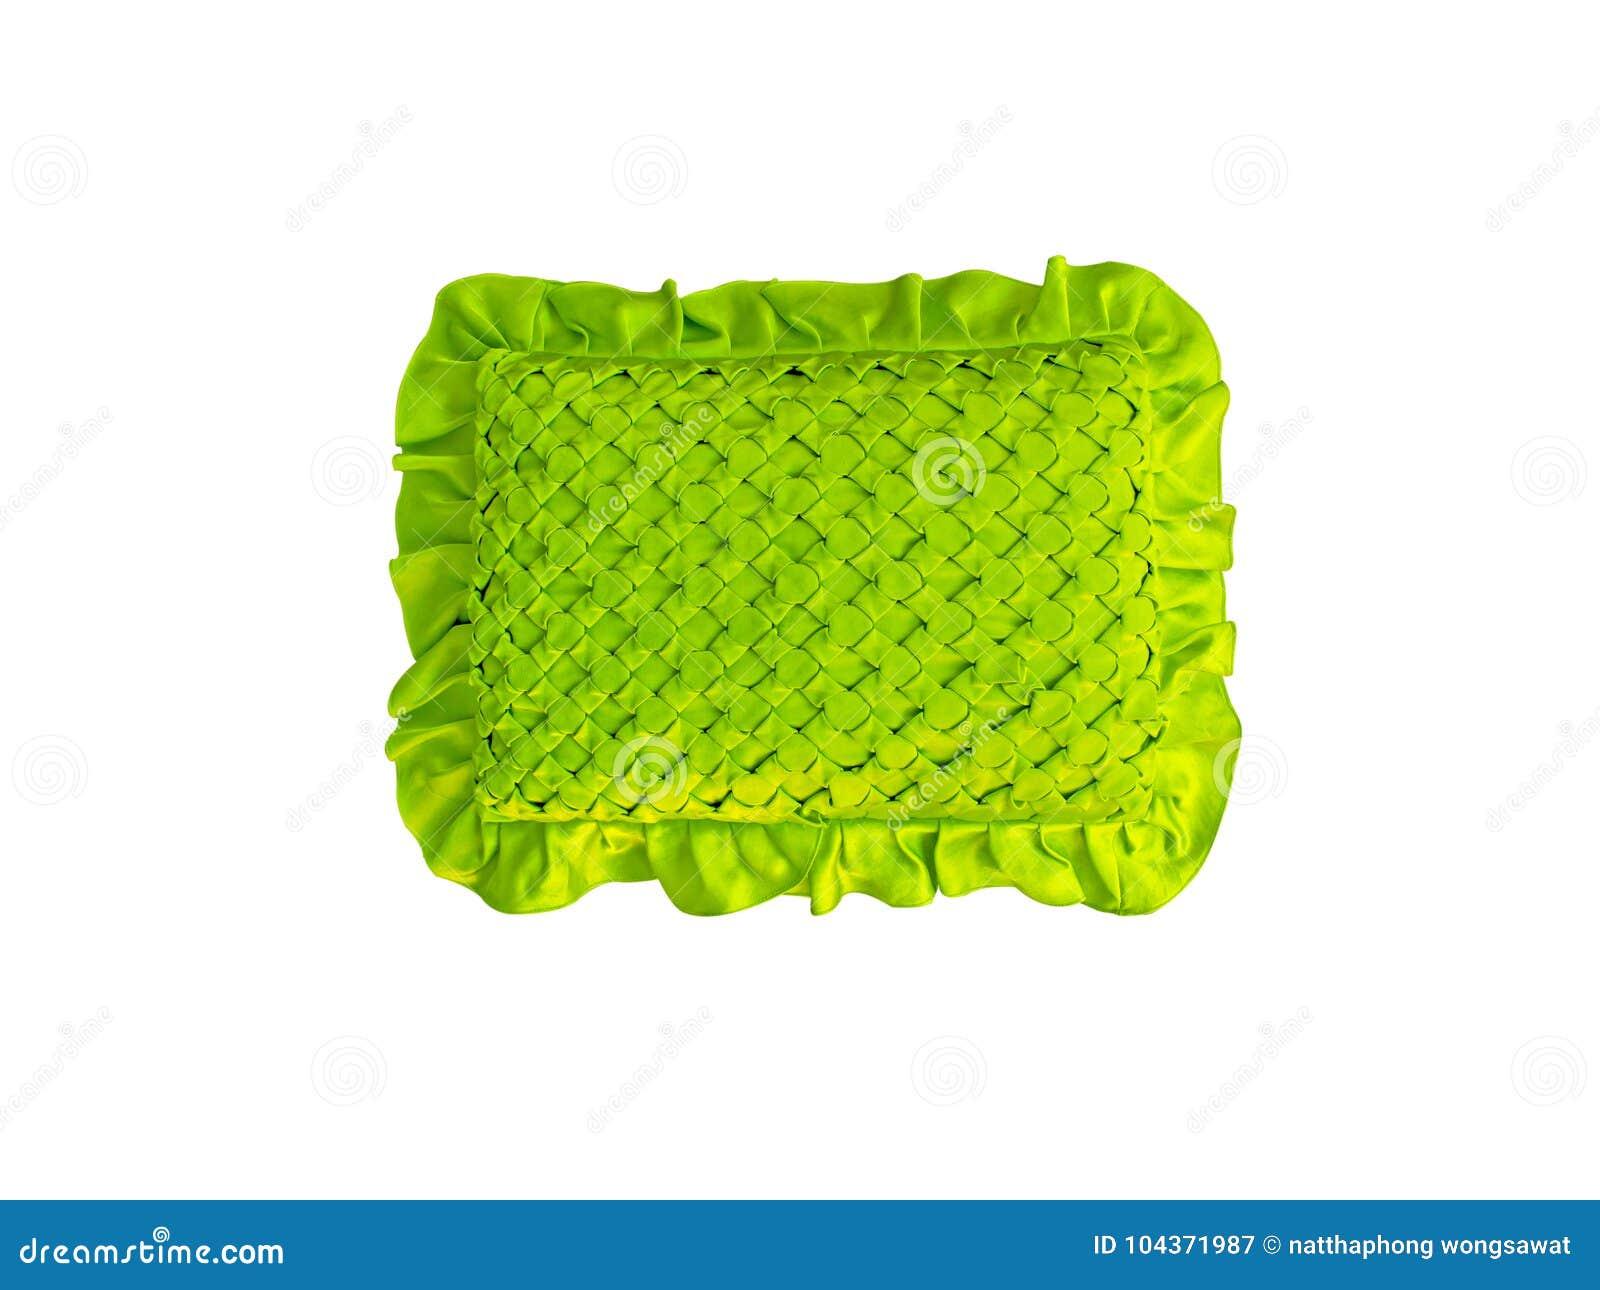 Gestreept Hoofdkussen Thailand, Groen met de hand gemaakt hoofdkussenpatroon